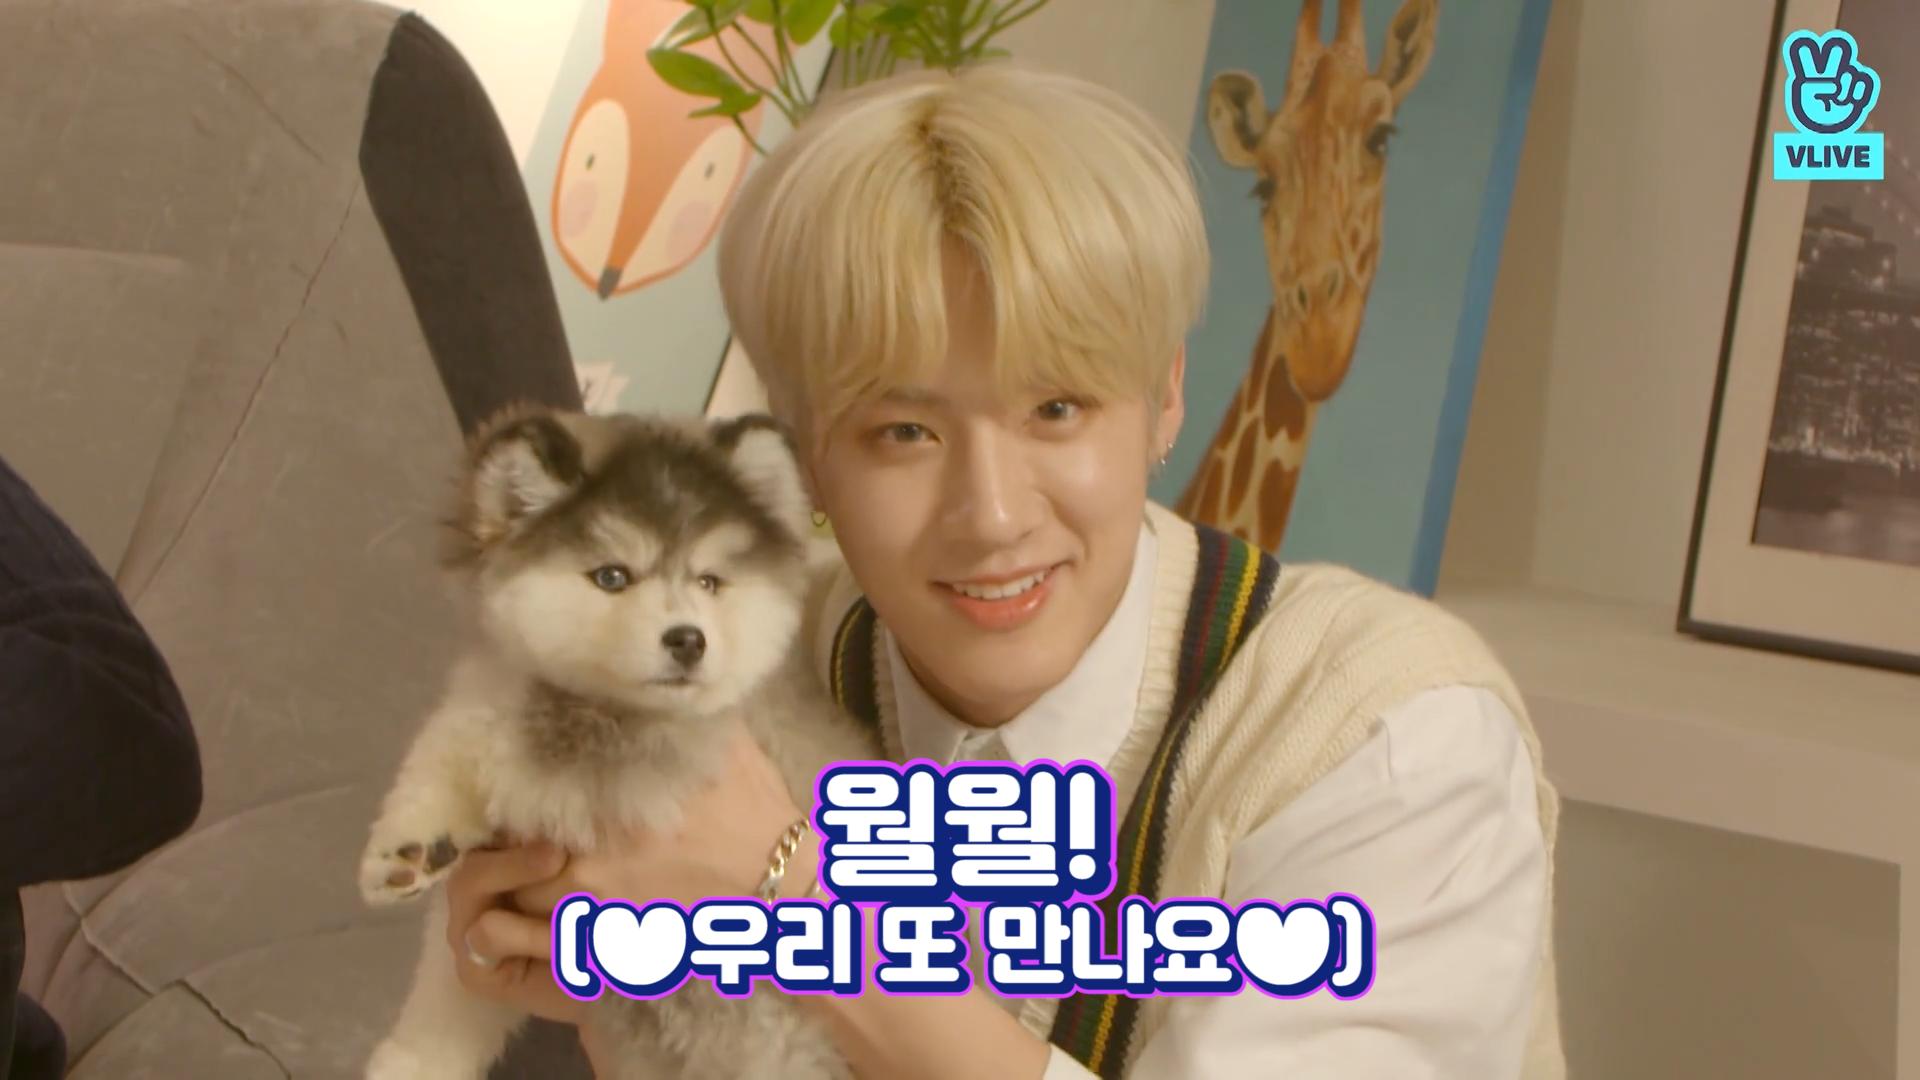 [THE BOYZ] 사람해봤자 다 소용없다 덥즈랑 사진찍고시픈 강아지 저여!!!월월!!🐶 (THE BOYZ taking pictures with puppies)